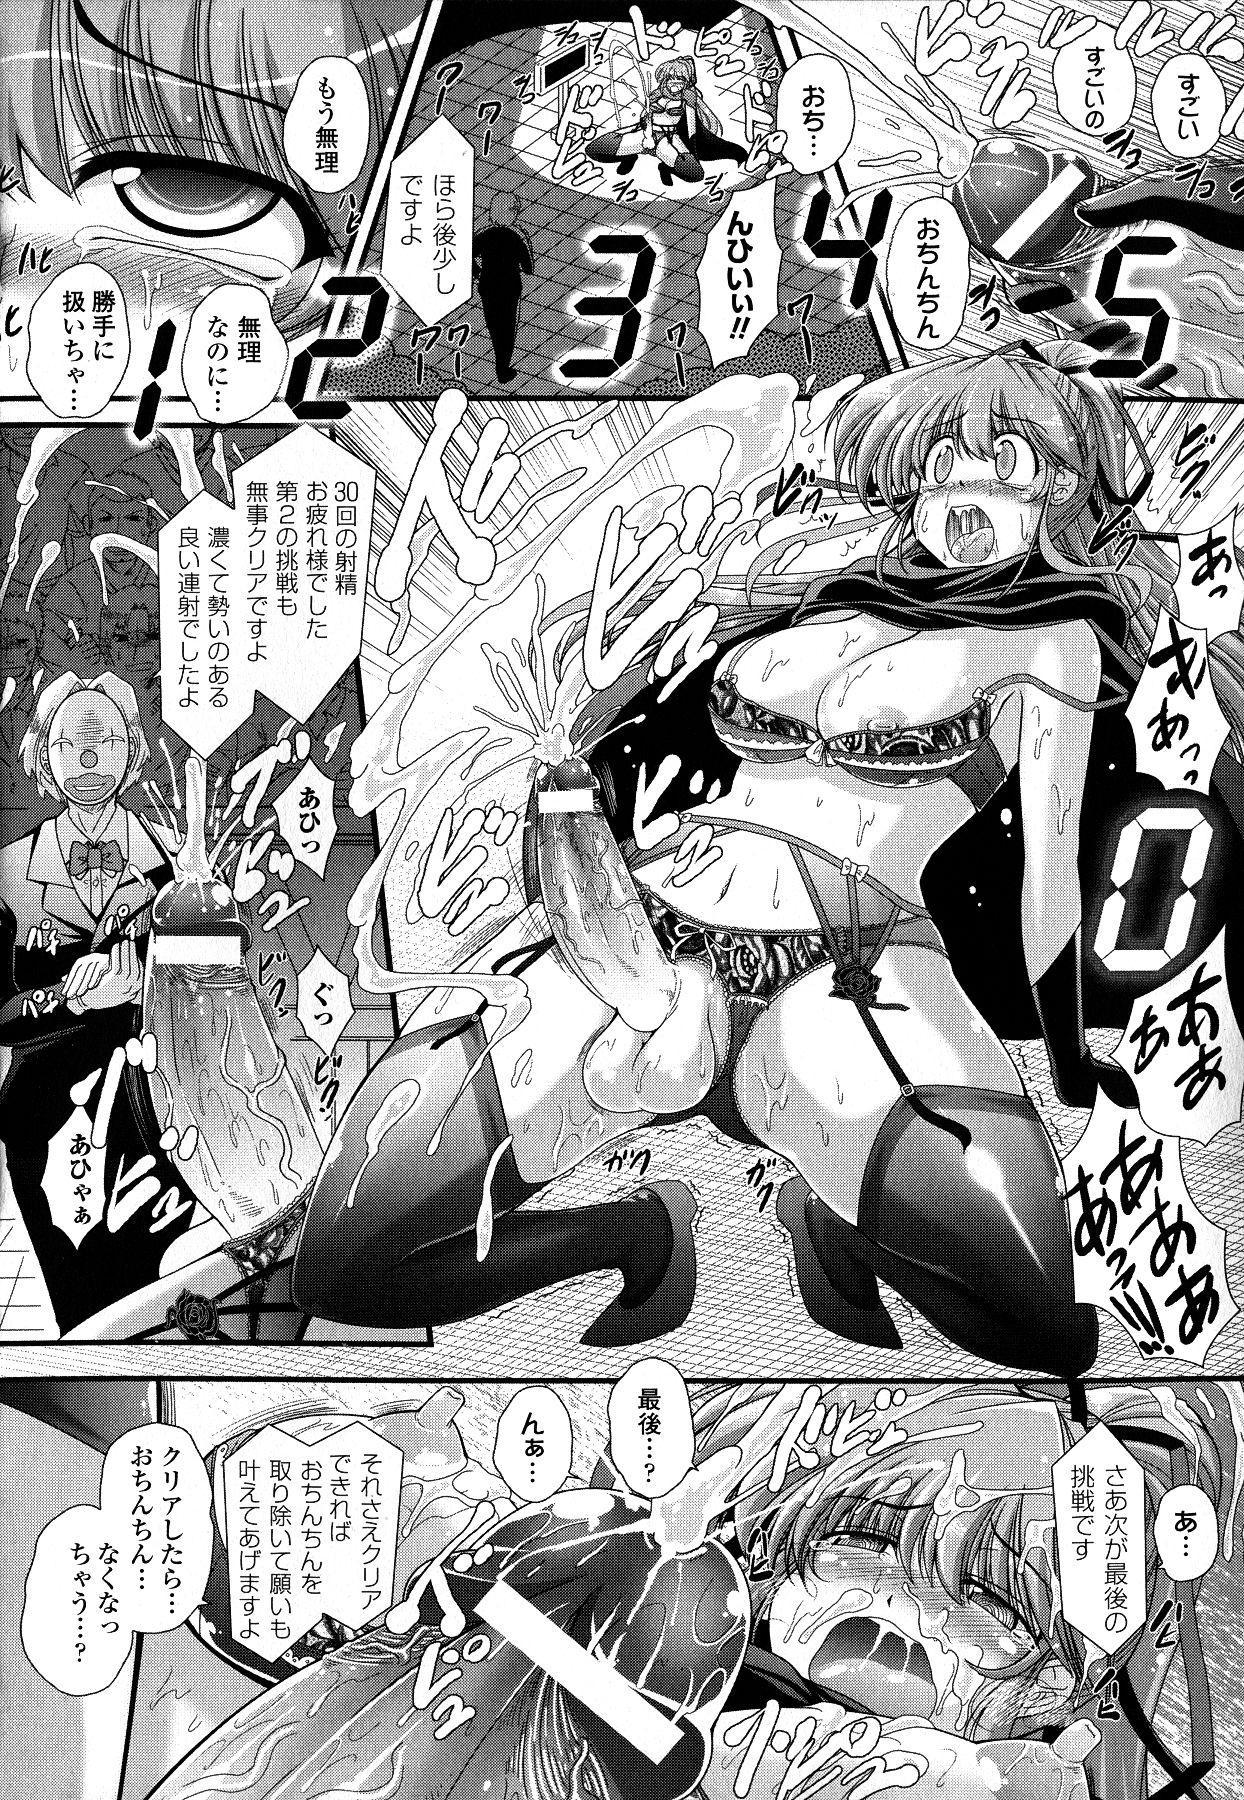 Akuma no Shitsumon 23